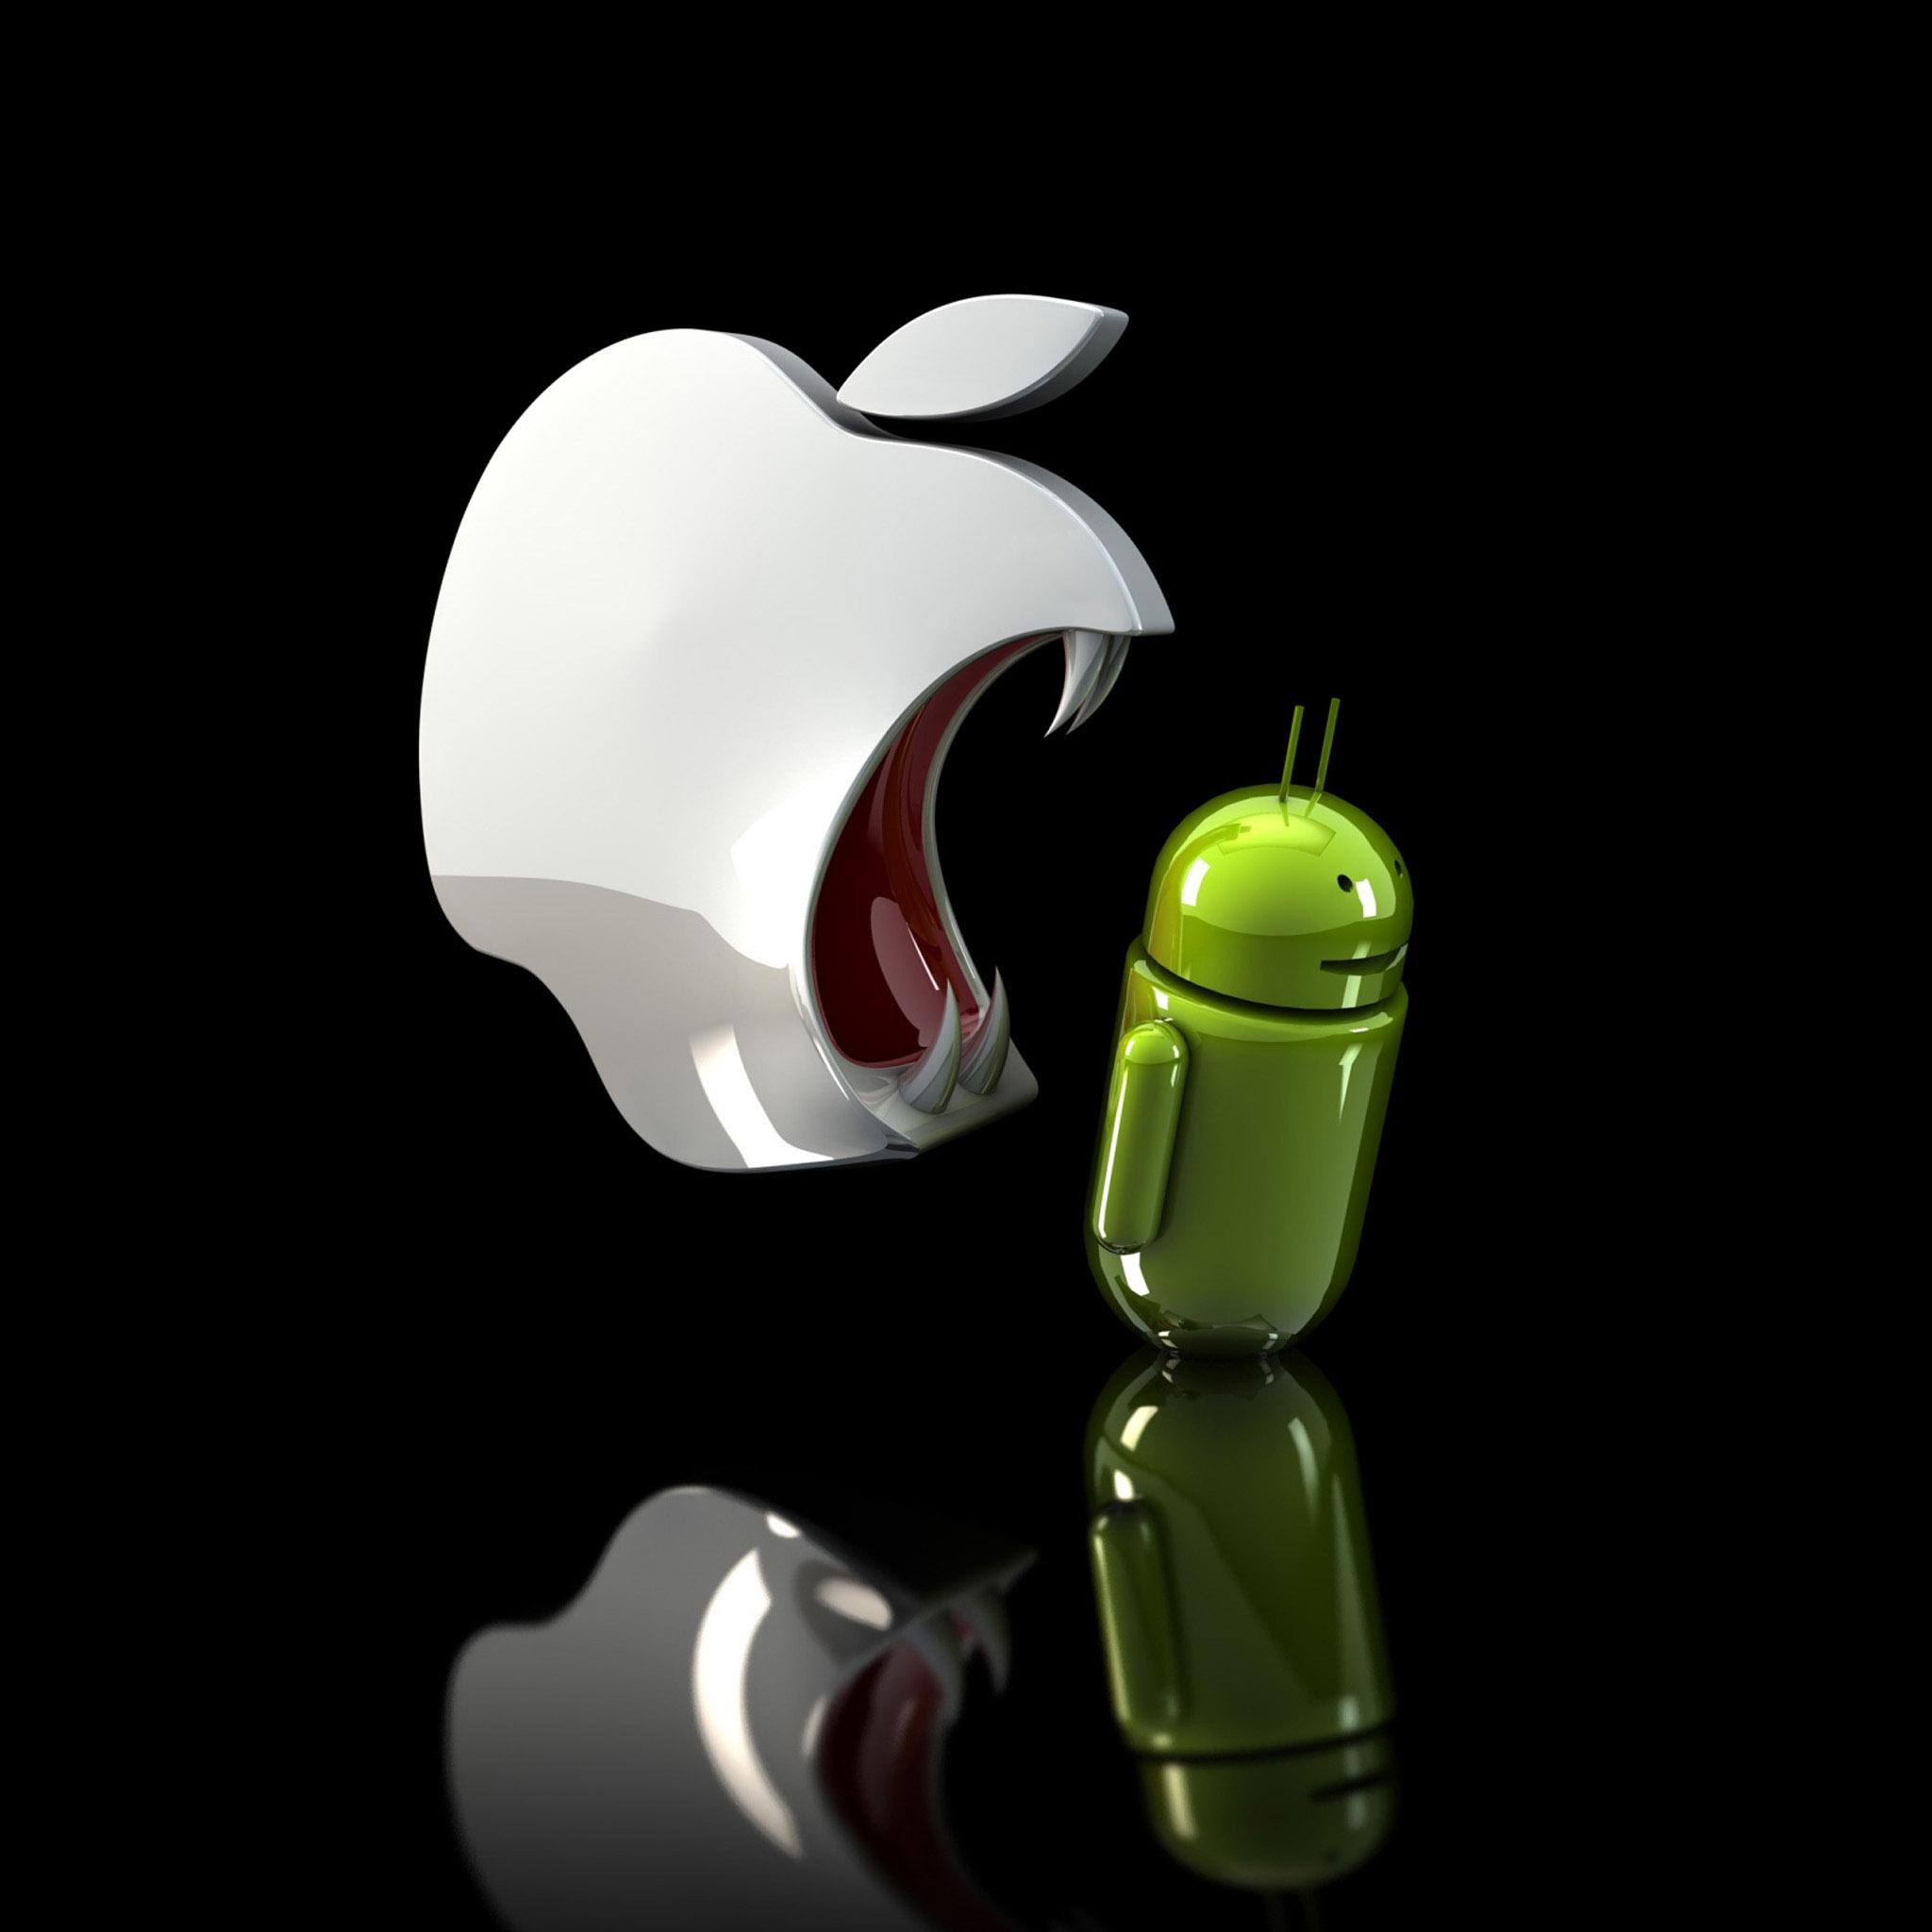 Wallpapers HD apple logo 5   Apple iPad iPad 2 iPad mini Wallpapers 2048x2048